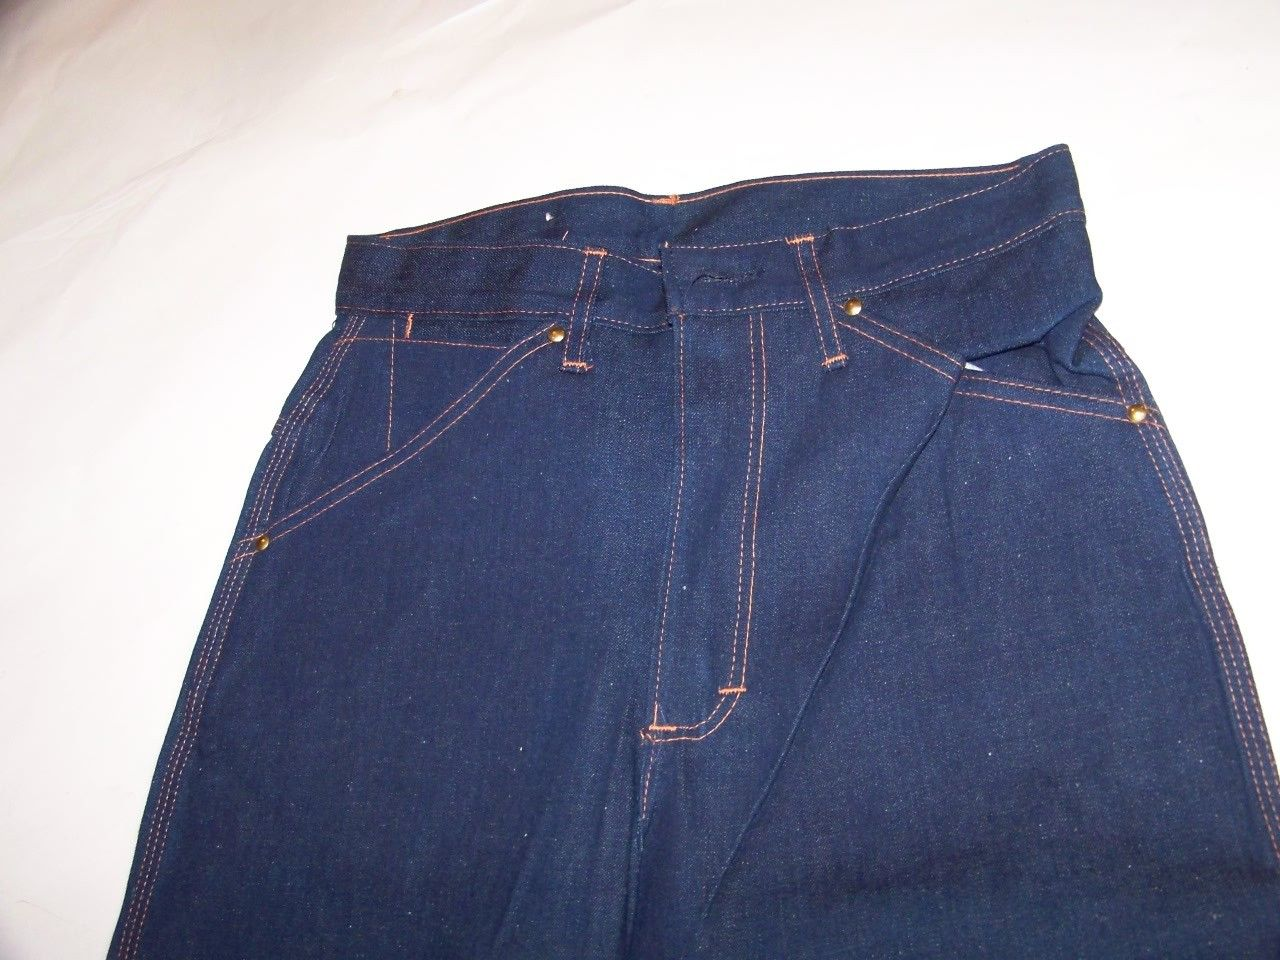 Mens Jeans 38 Inseam